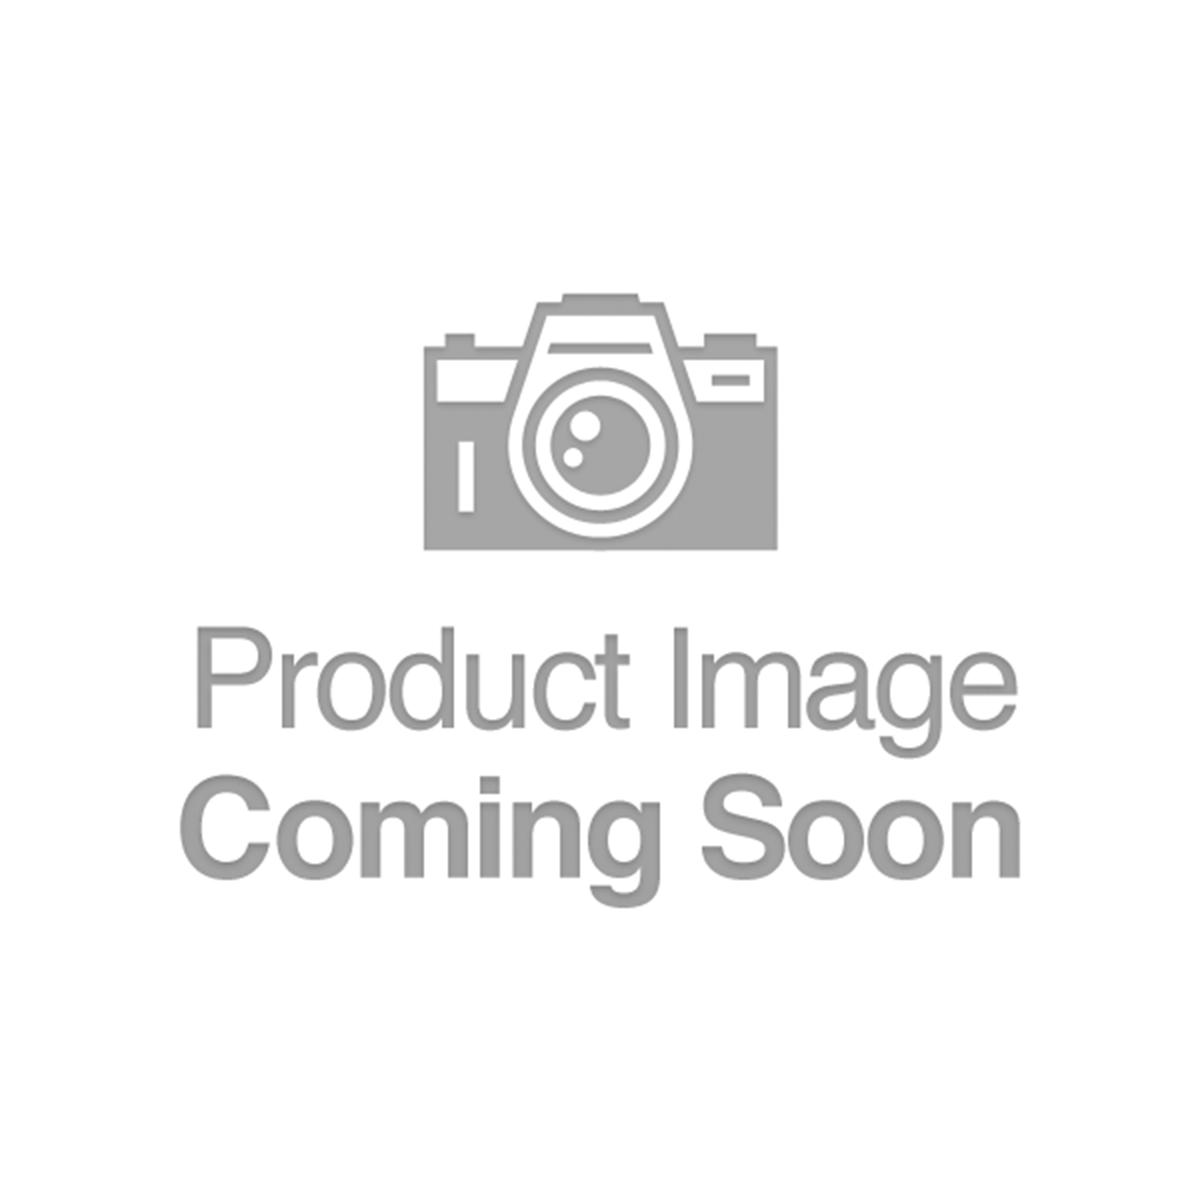 Bechtler $2.50 Even 22 Bechtler (Georgia Gold) PCGS AU58